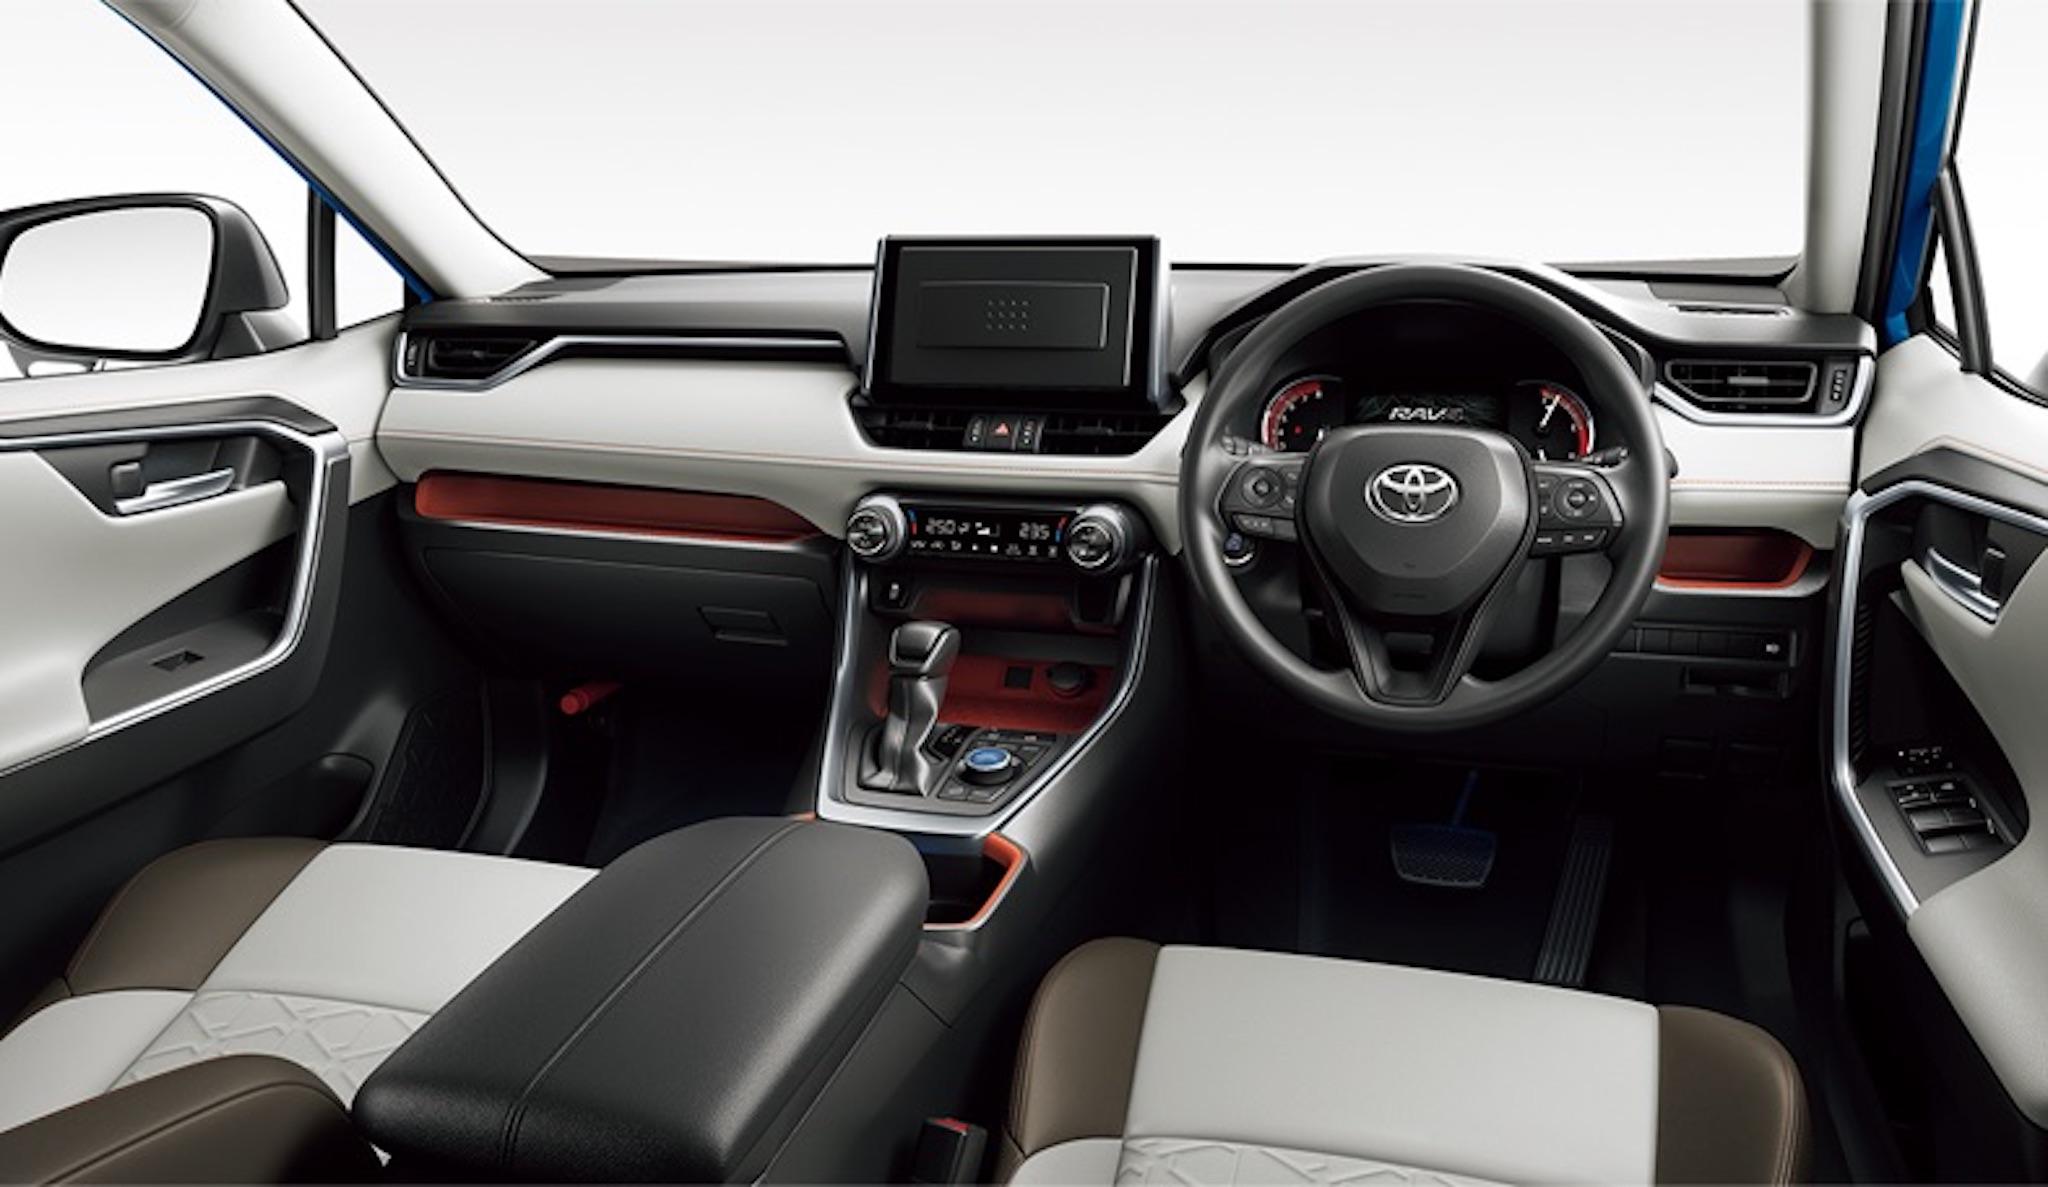 トヨタの新型「RAV4」を徹底レビュー!クロスオーバーSUV人気の元祖